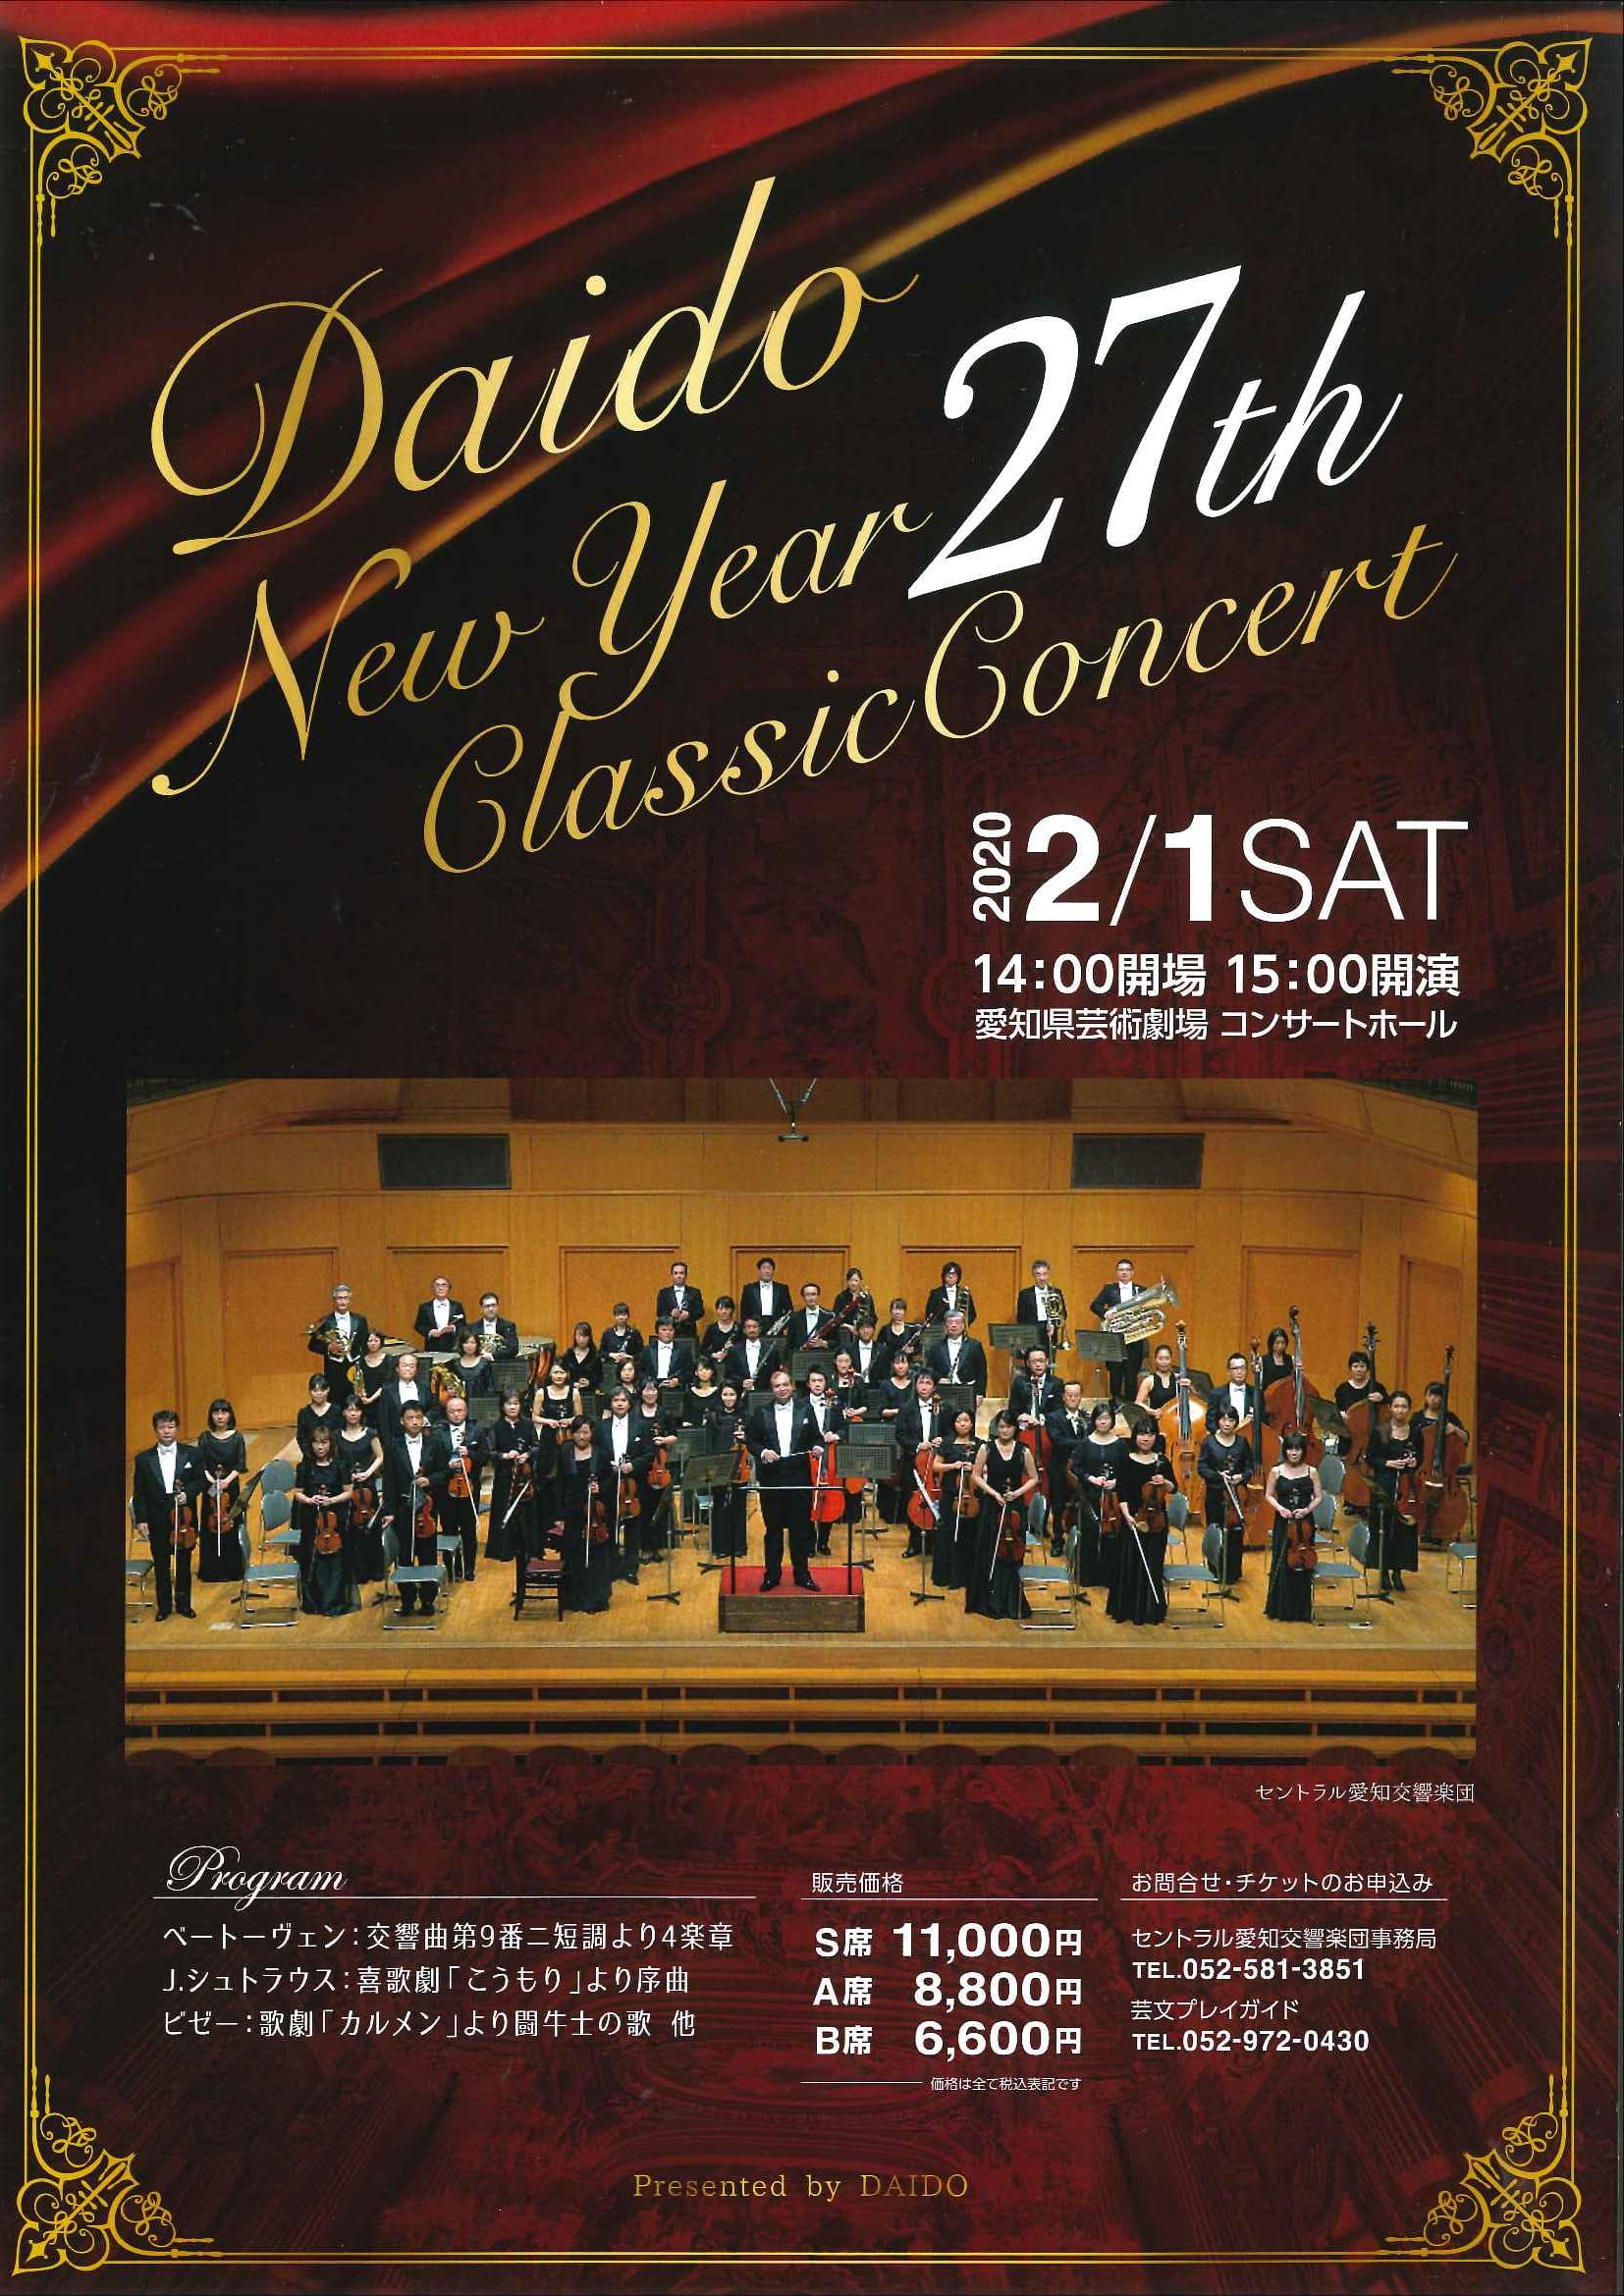 ダイドーニューイヤー27thクラシックコンサート